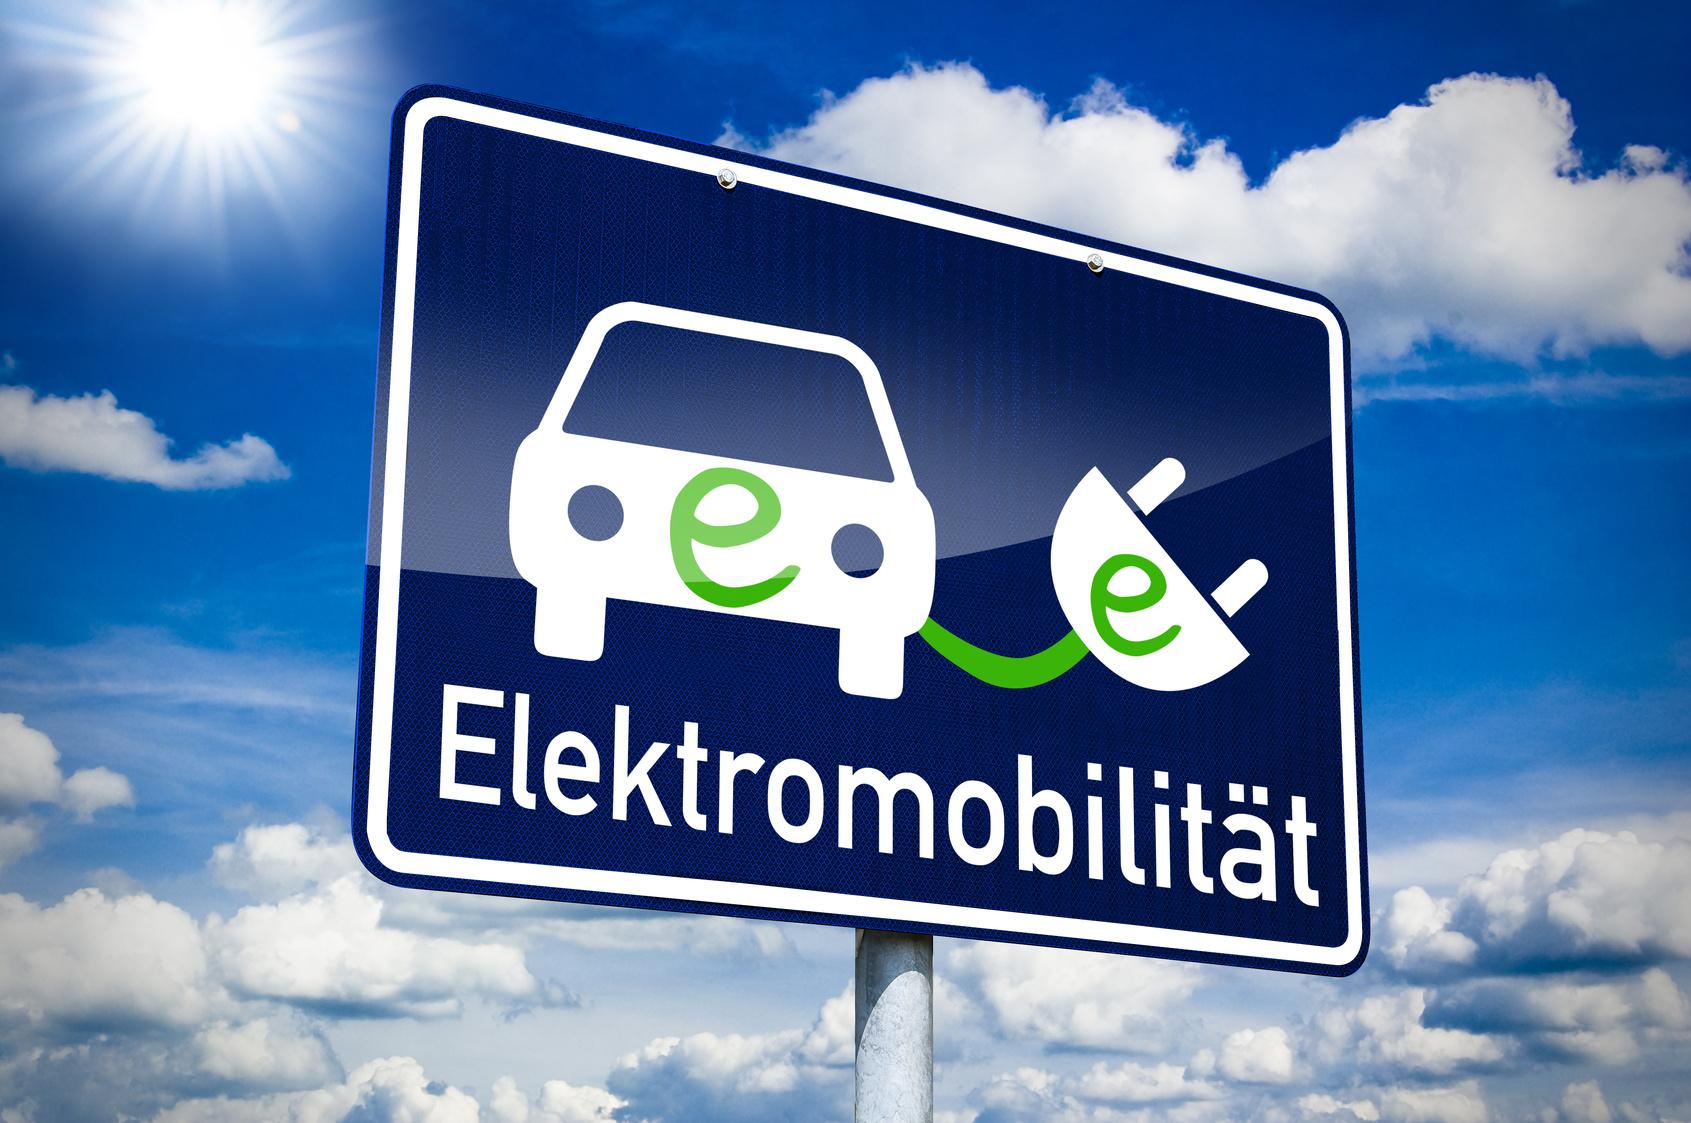 Studie: Elektroautos werden von gut gebildeten Männern gekauft